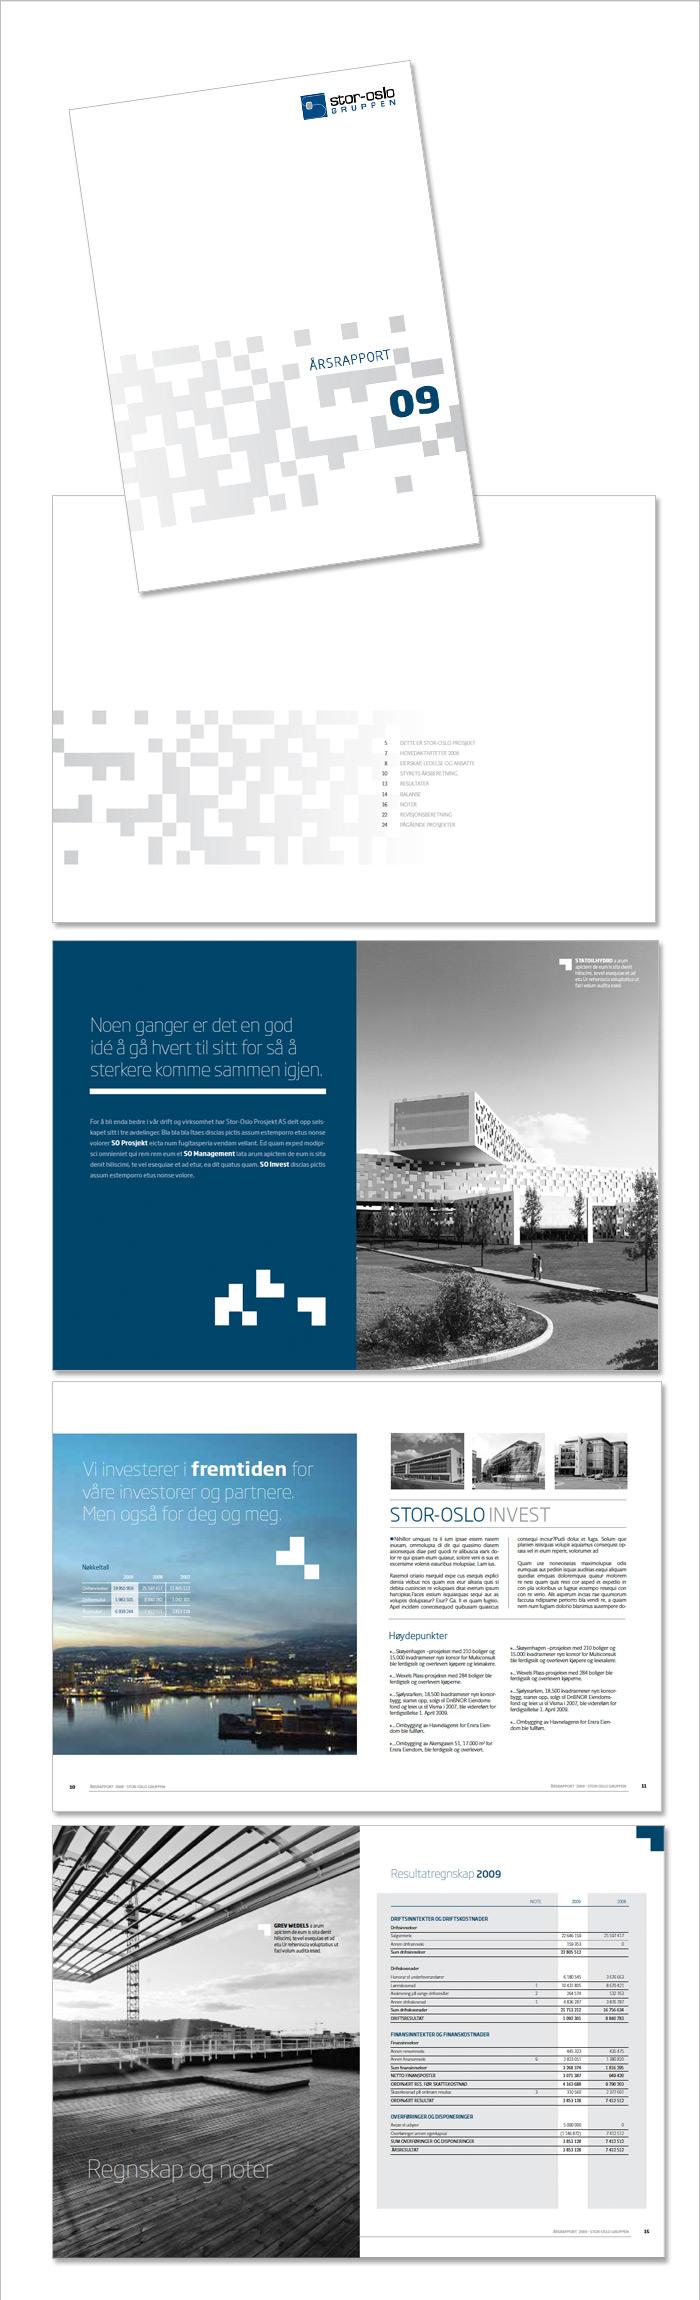 Stor-Oslo årsrapport 09